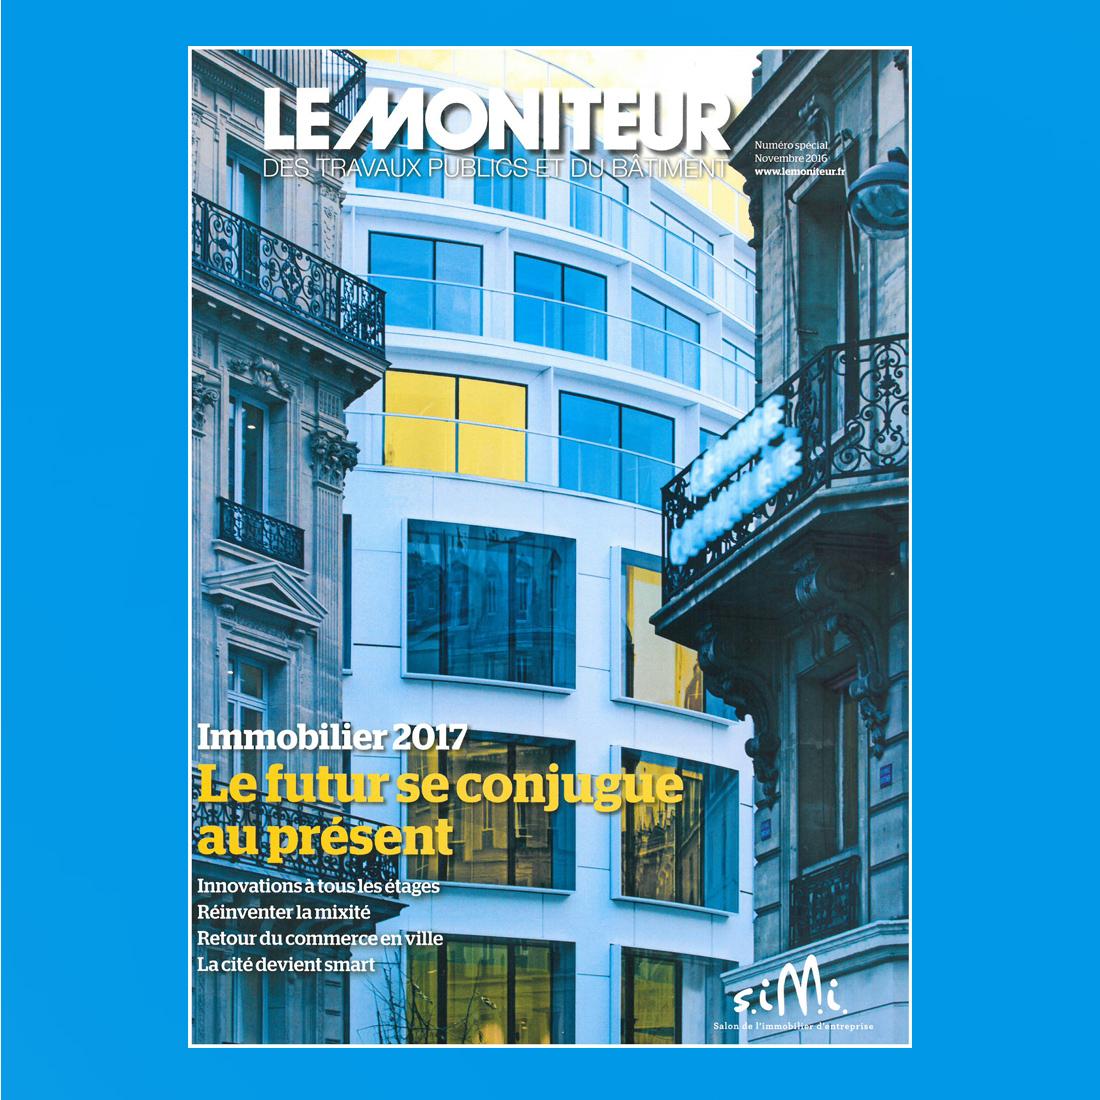 Le Moniteur Immobilier 2017 | Brenac & Gonzalez et Associés